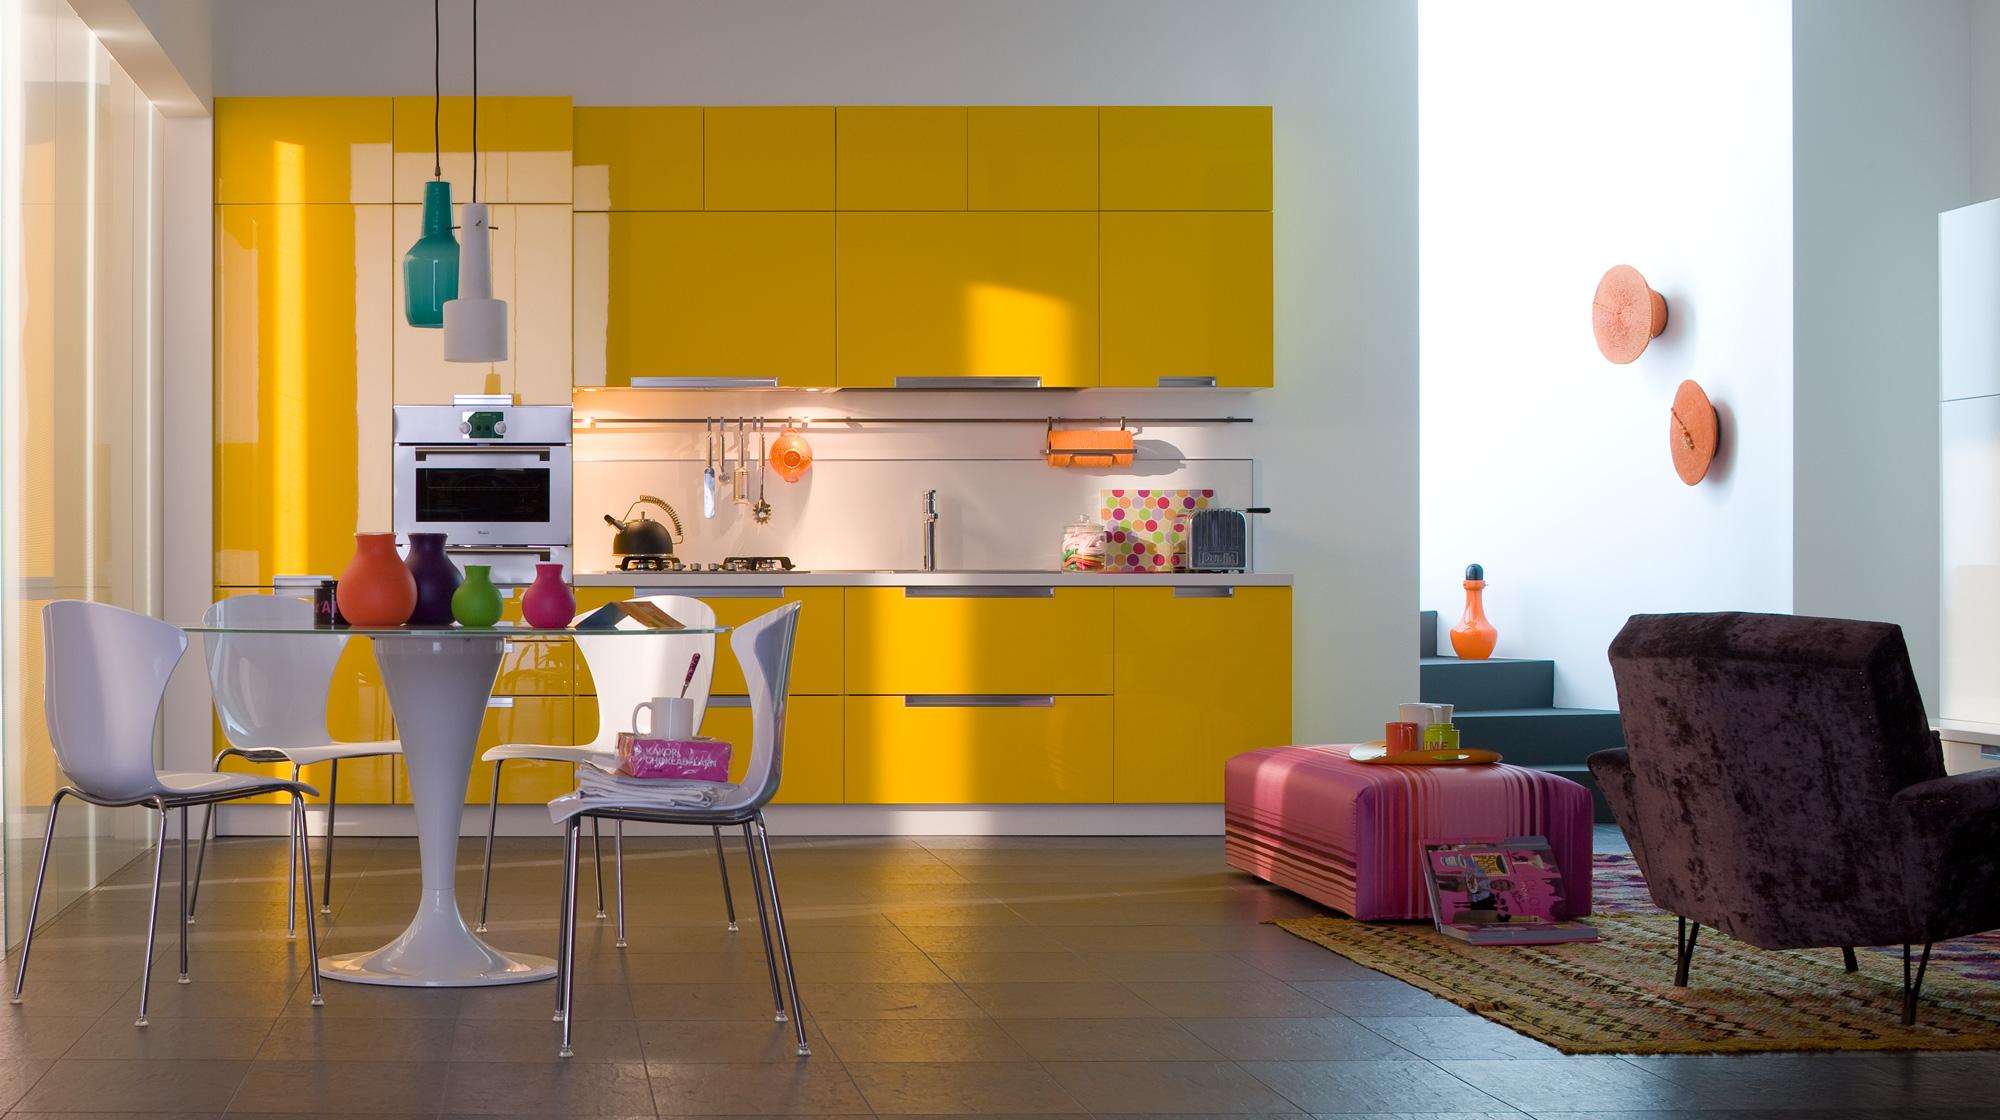 Оранжевые и розовые акценты в бело-желтой кухне